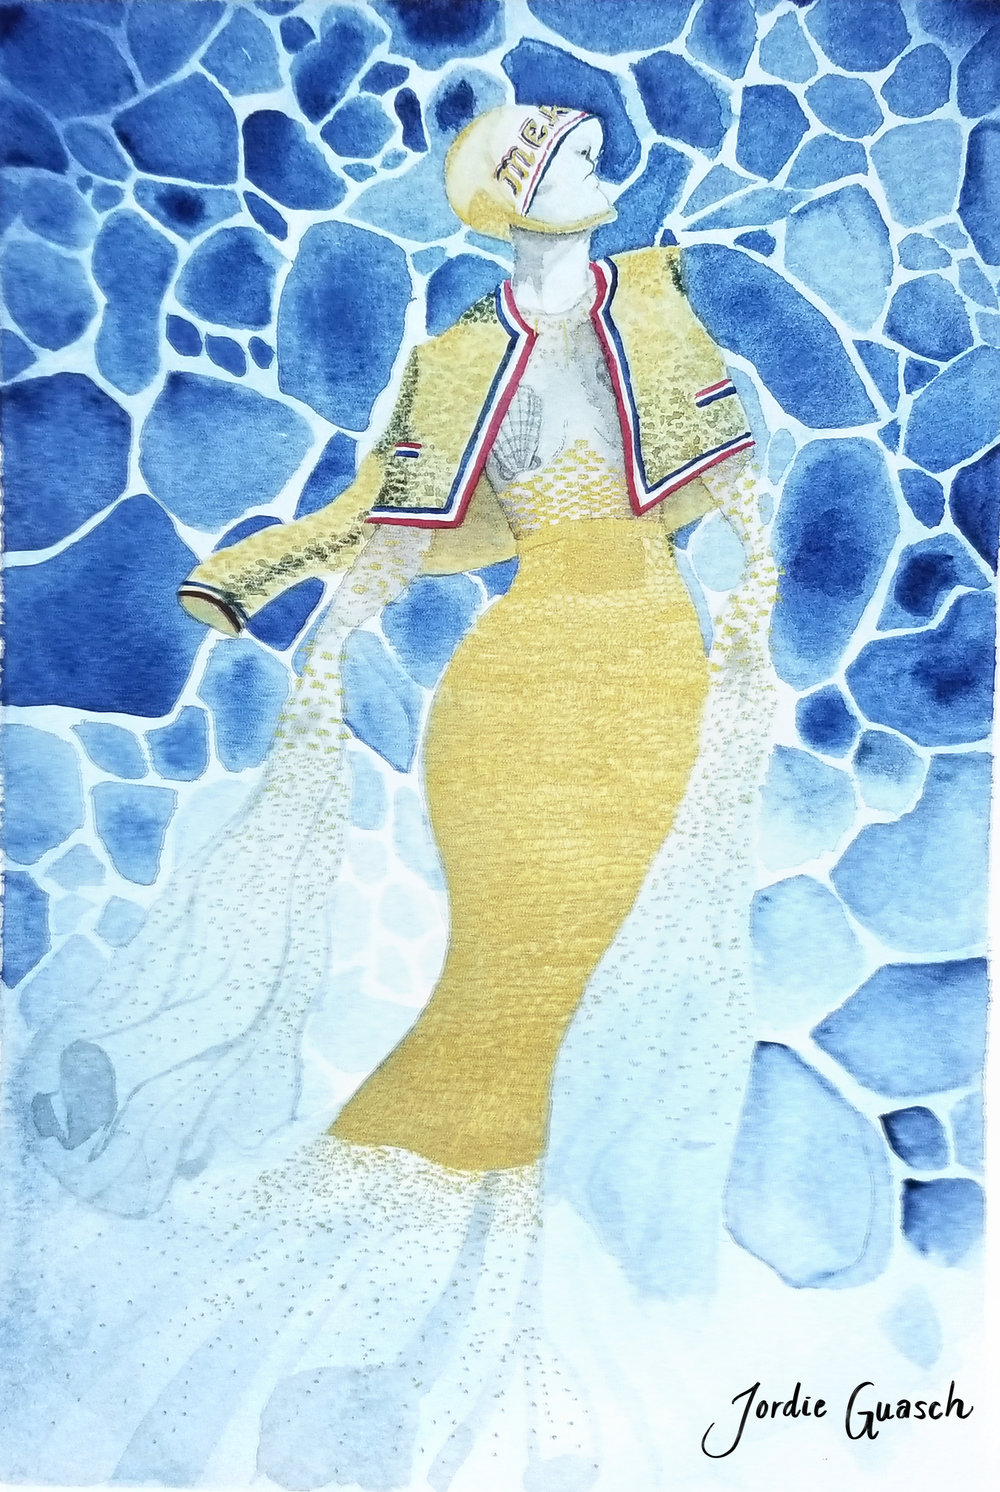 13. Thom Browne, Watercolors